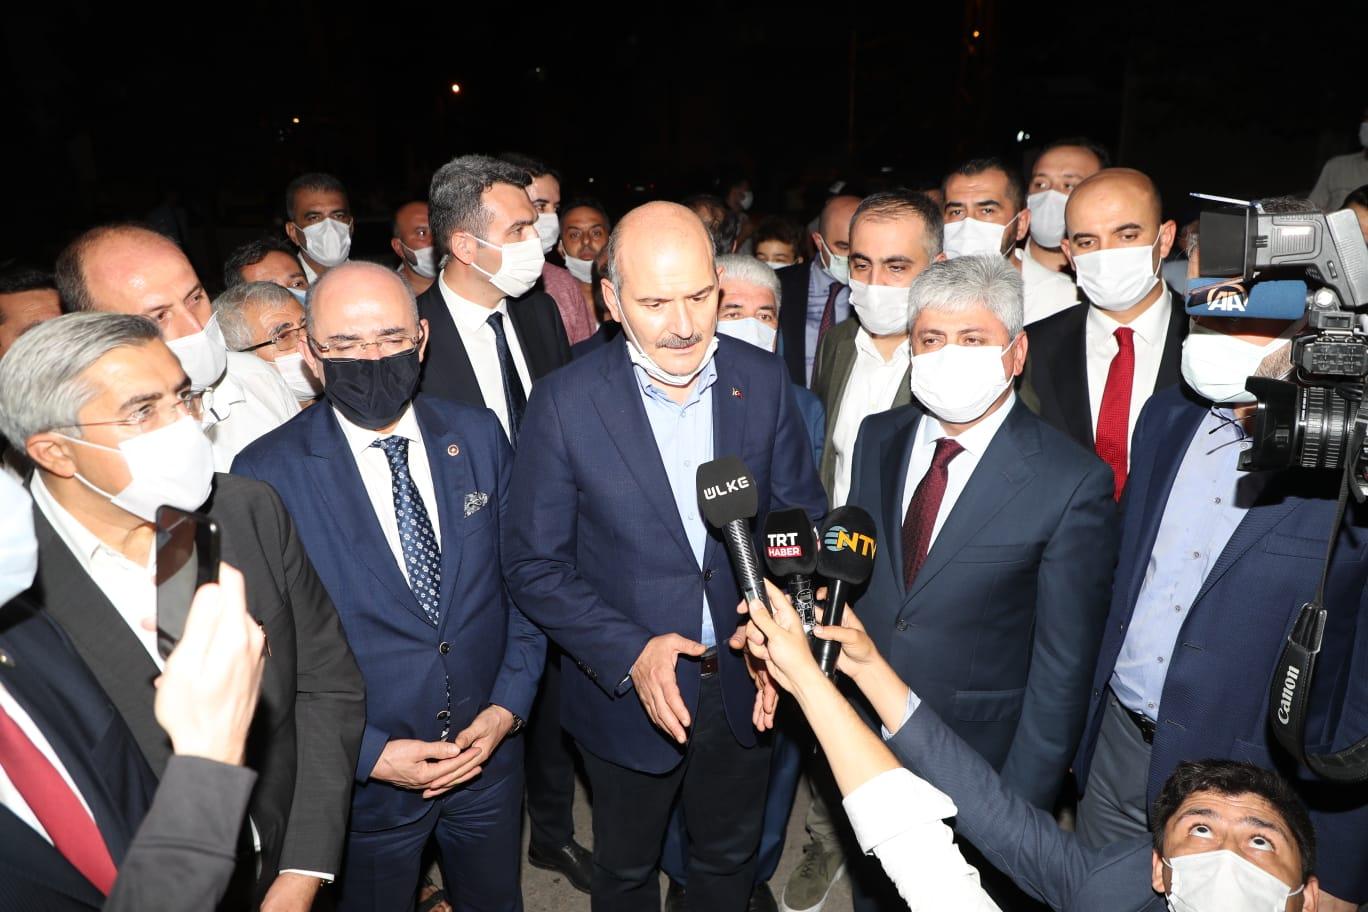 """İÇİŞLERİ BAKANI SOYLU,  """"YANGINI TERÖR ÖRGÜTÜ PKK'NIN GERÇEKLEŞTİRDİĞİ KONUSUNDA KANAATLER VAR"""""""